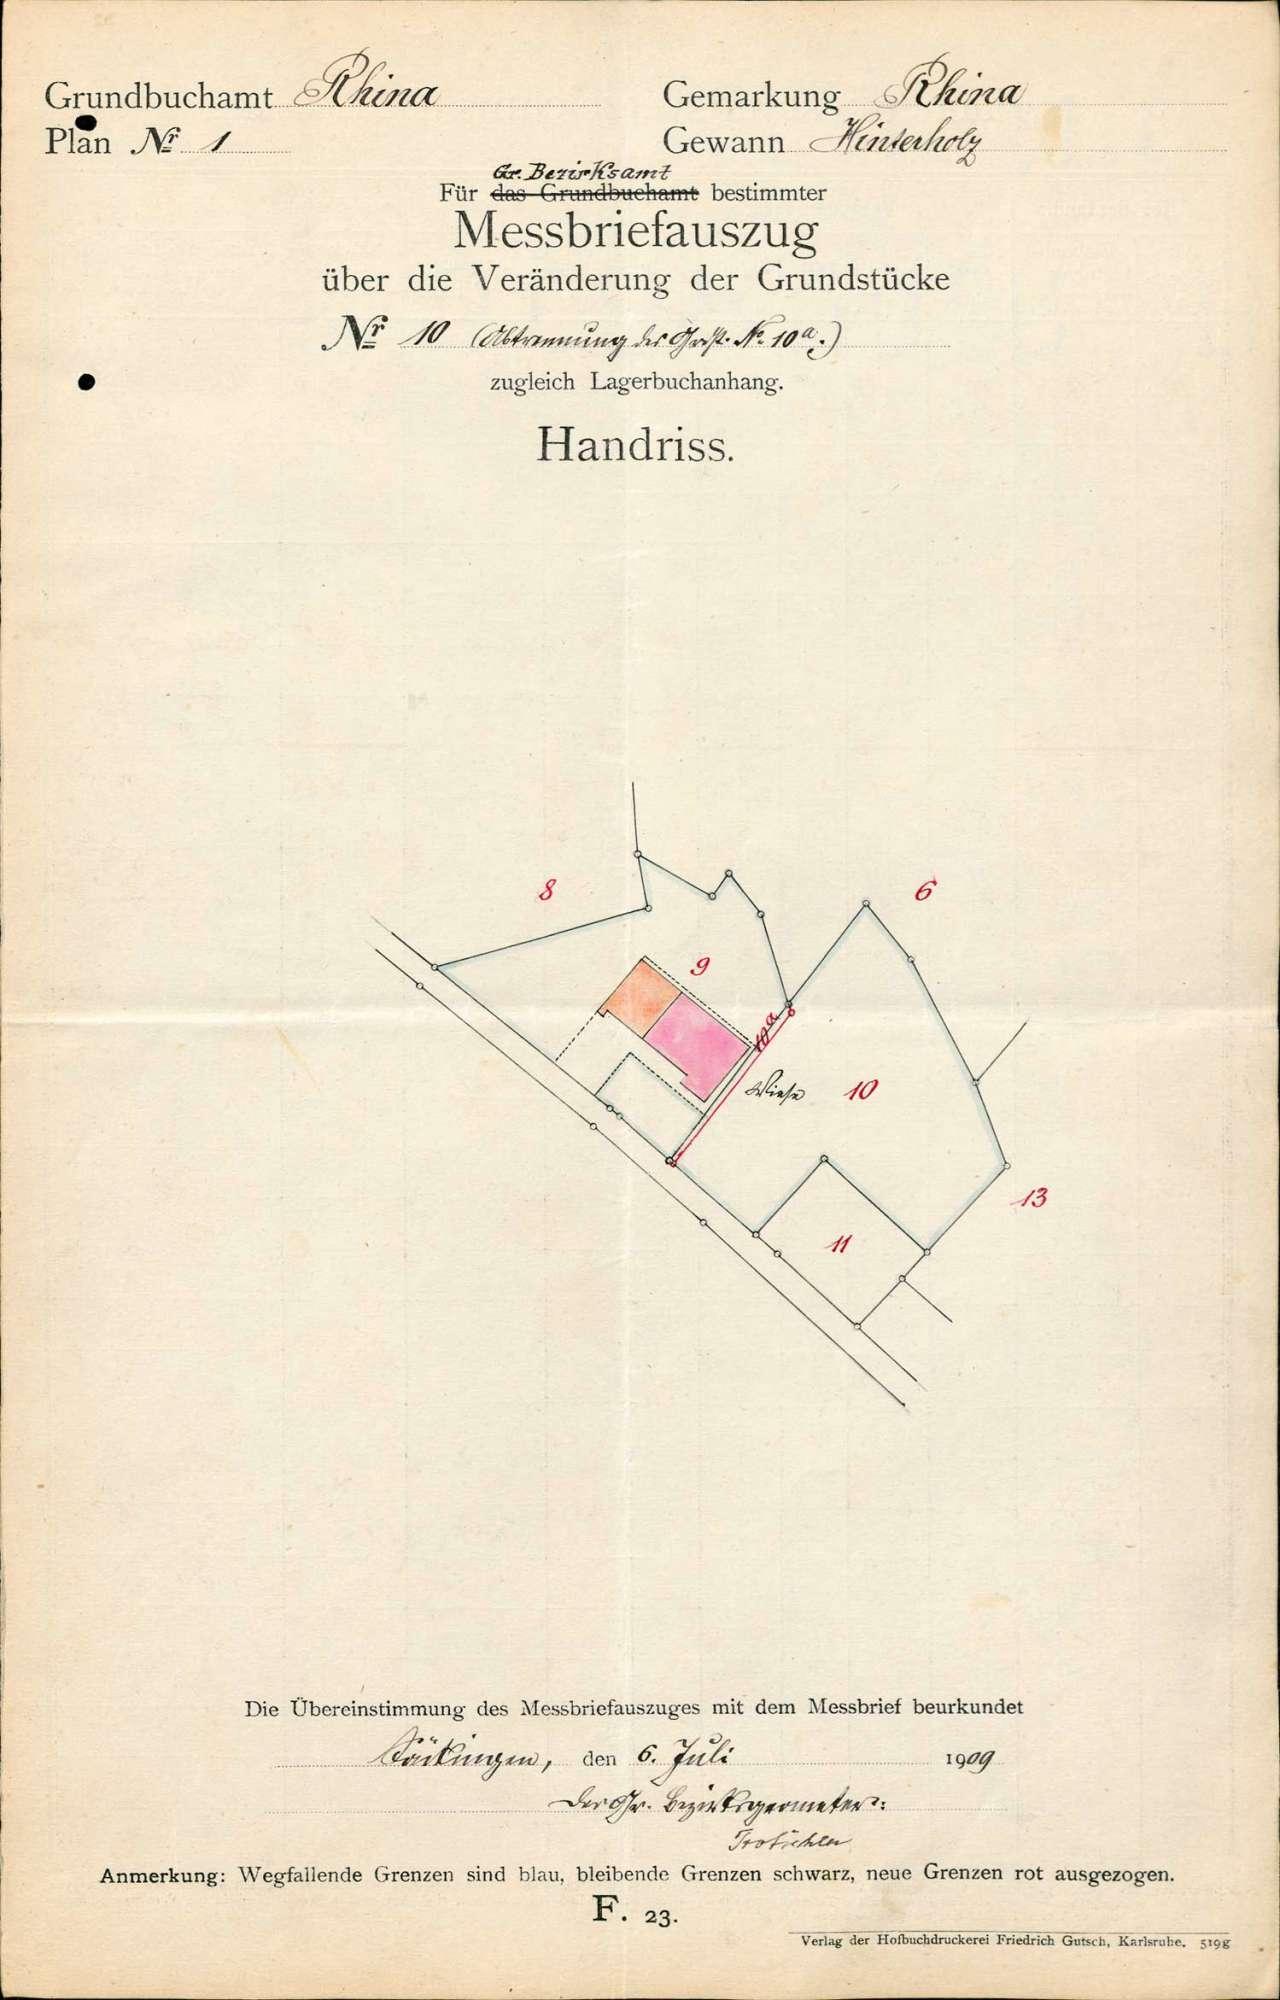 Teilung von Grundstücken auf Gemarkung Rhina unter dem gesetzlichen Maß, Bild 2